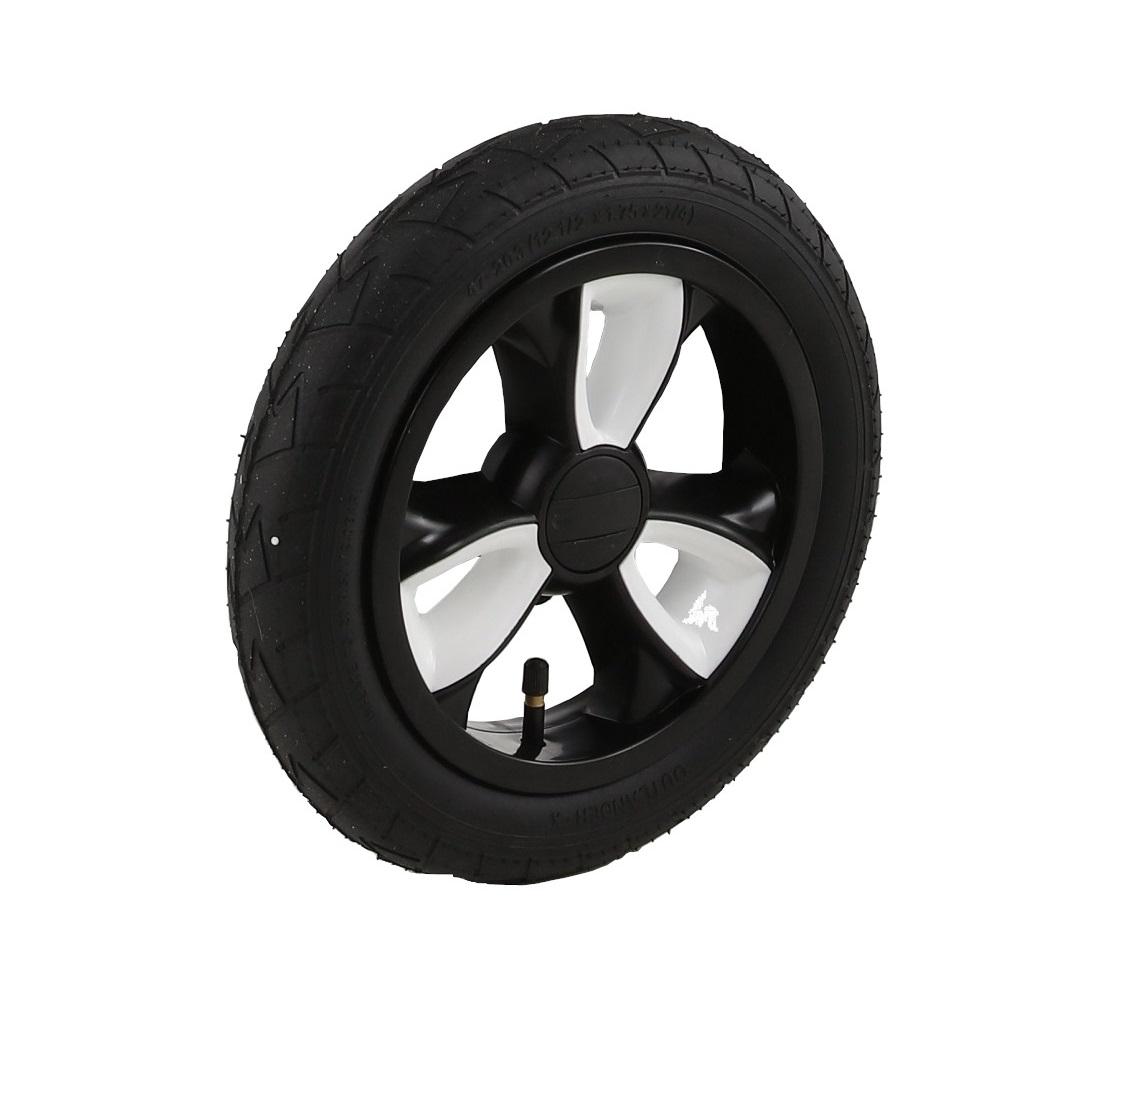 коляски 2 в 1 lonex sanremo 2 в 1 Заднее колесо для коляски Be2Me для классической коляски 2 в 1 Alpina